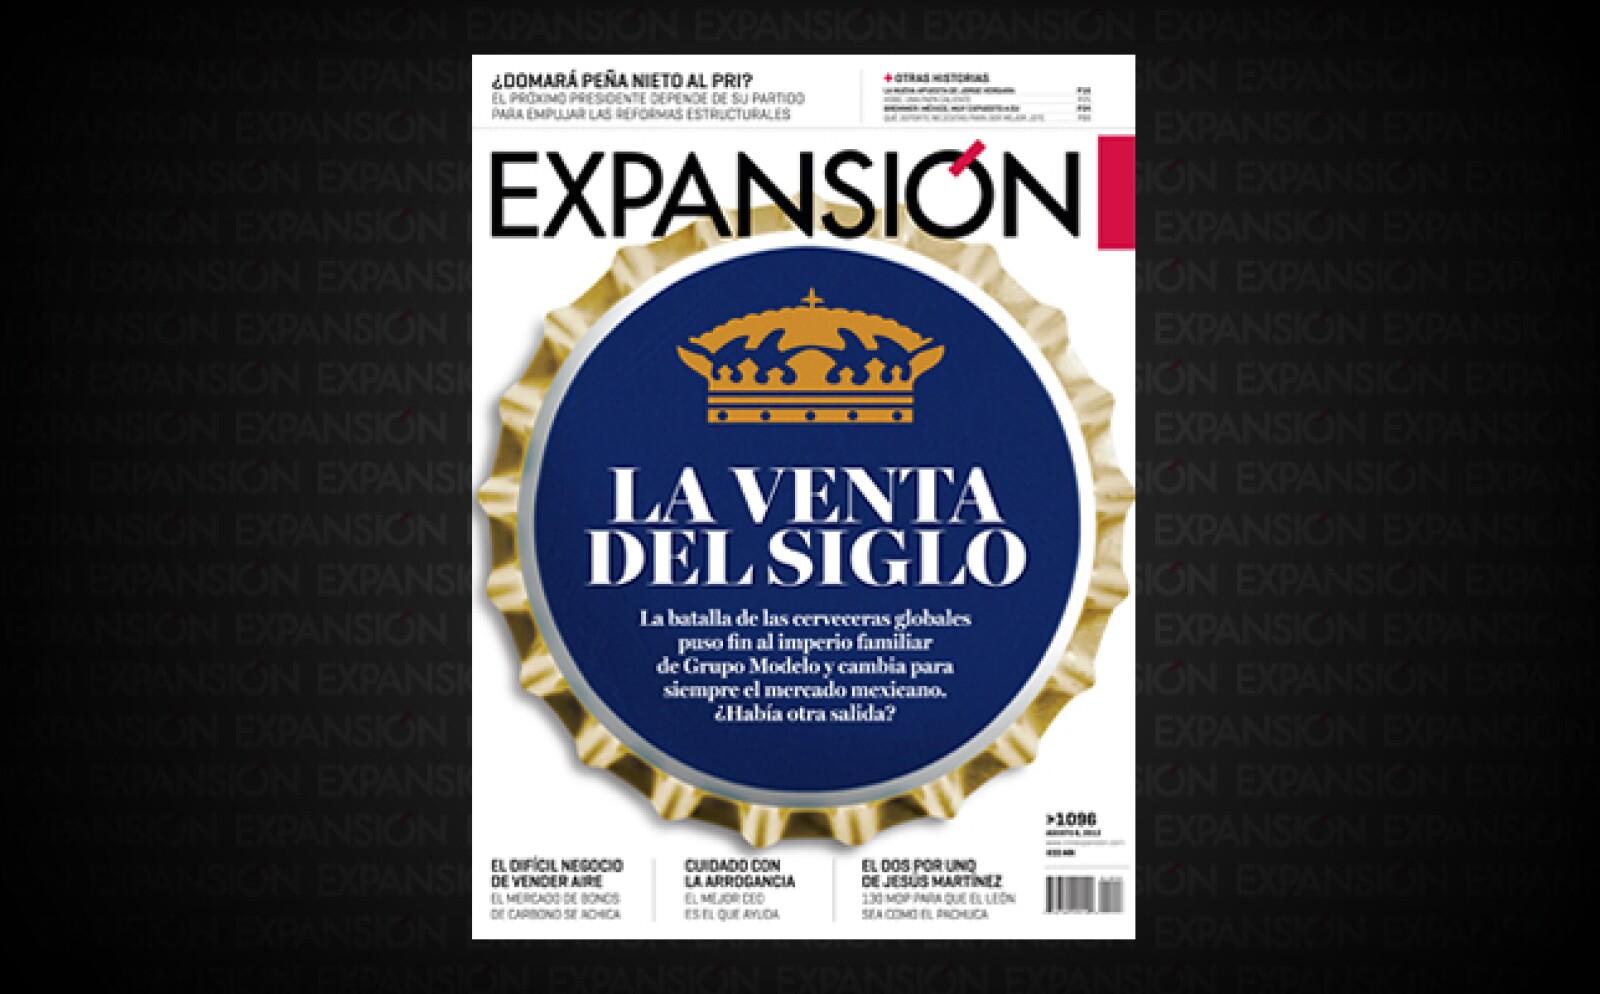 En junio se anunció la venta de Grupo Modelo a la belga Anheuser-Busch InBev. Expansión contó la historia de cómo la consolidación de la industria cervecera mundial obligó al CEO Carlos Fernández a vender a la firma mexicana.